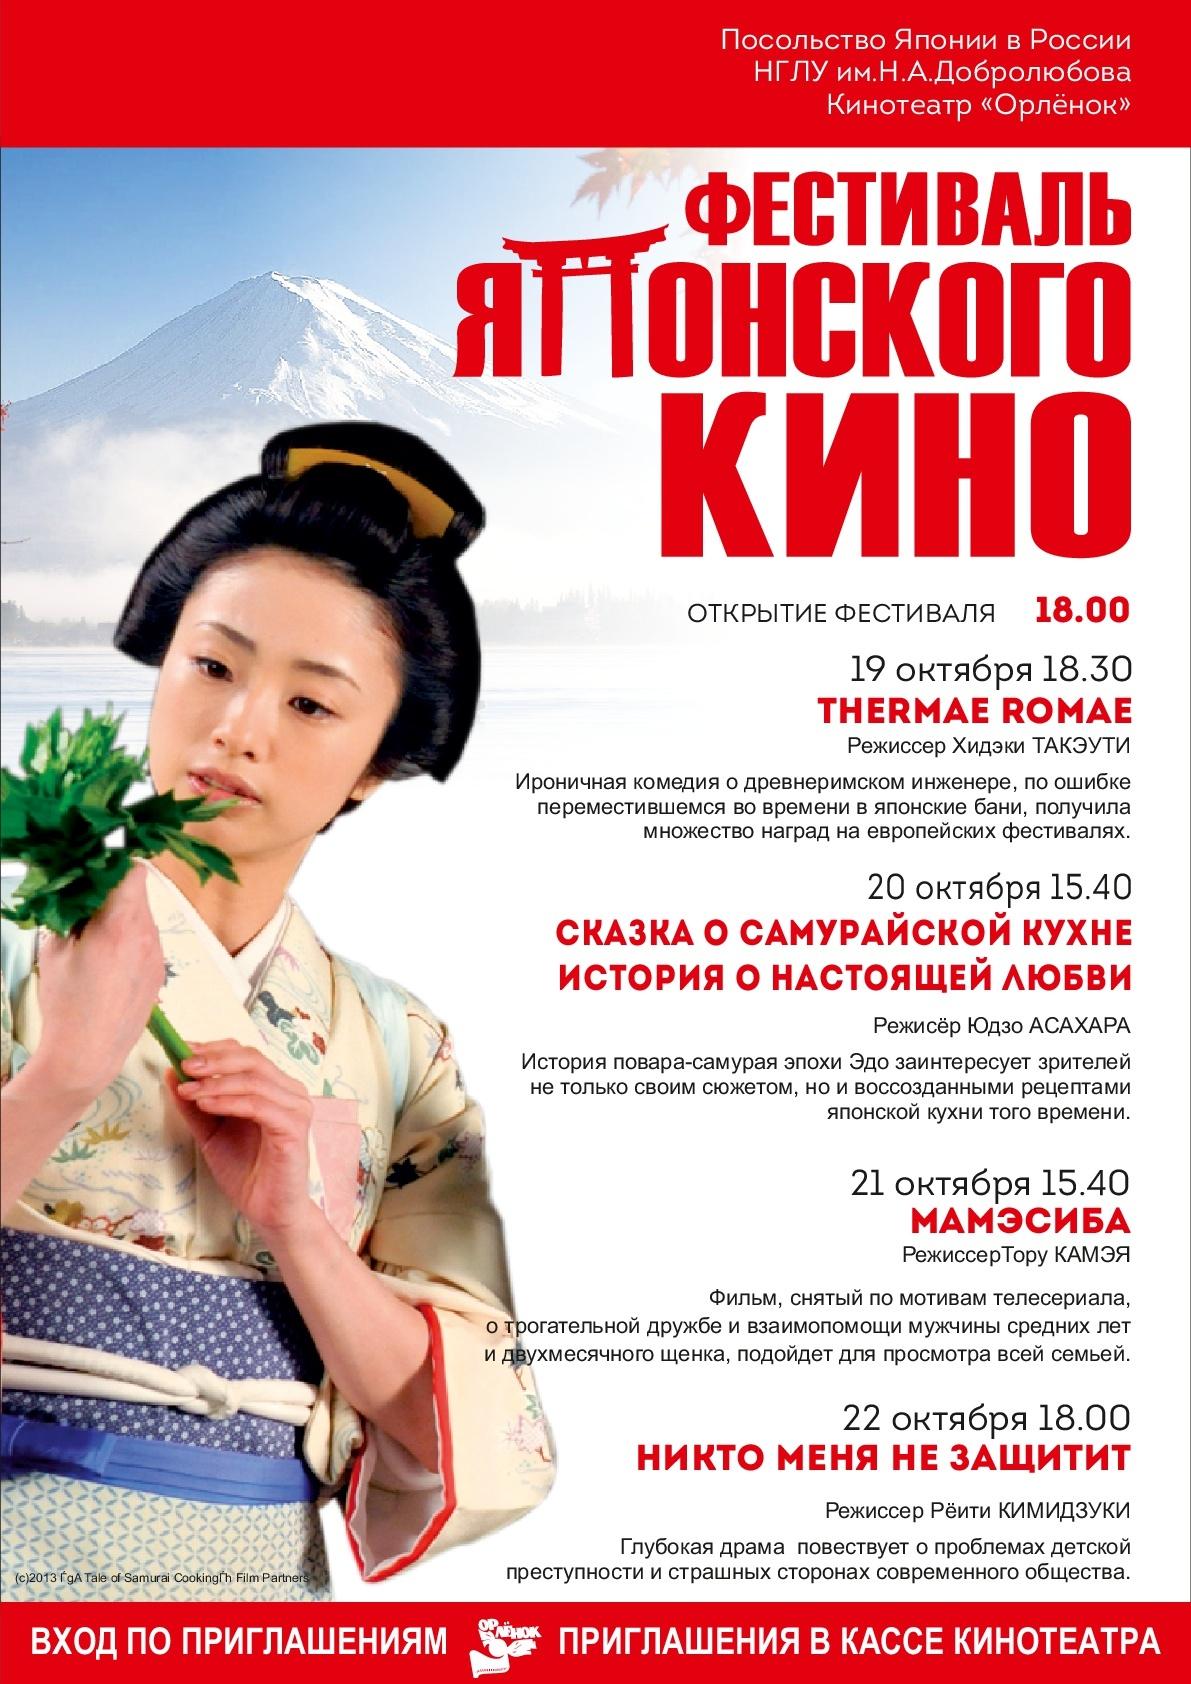 Фестиваль японского кино в кинотеатре Орлёнок